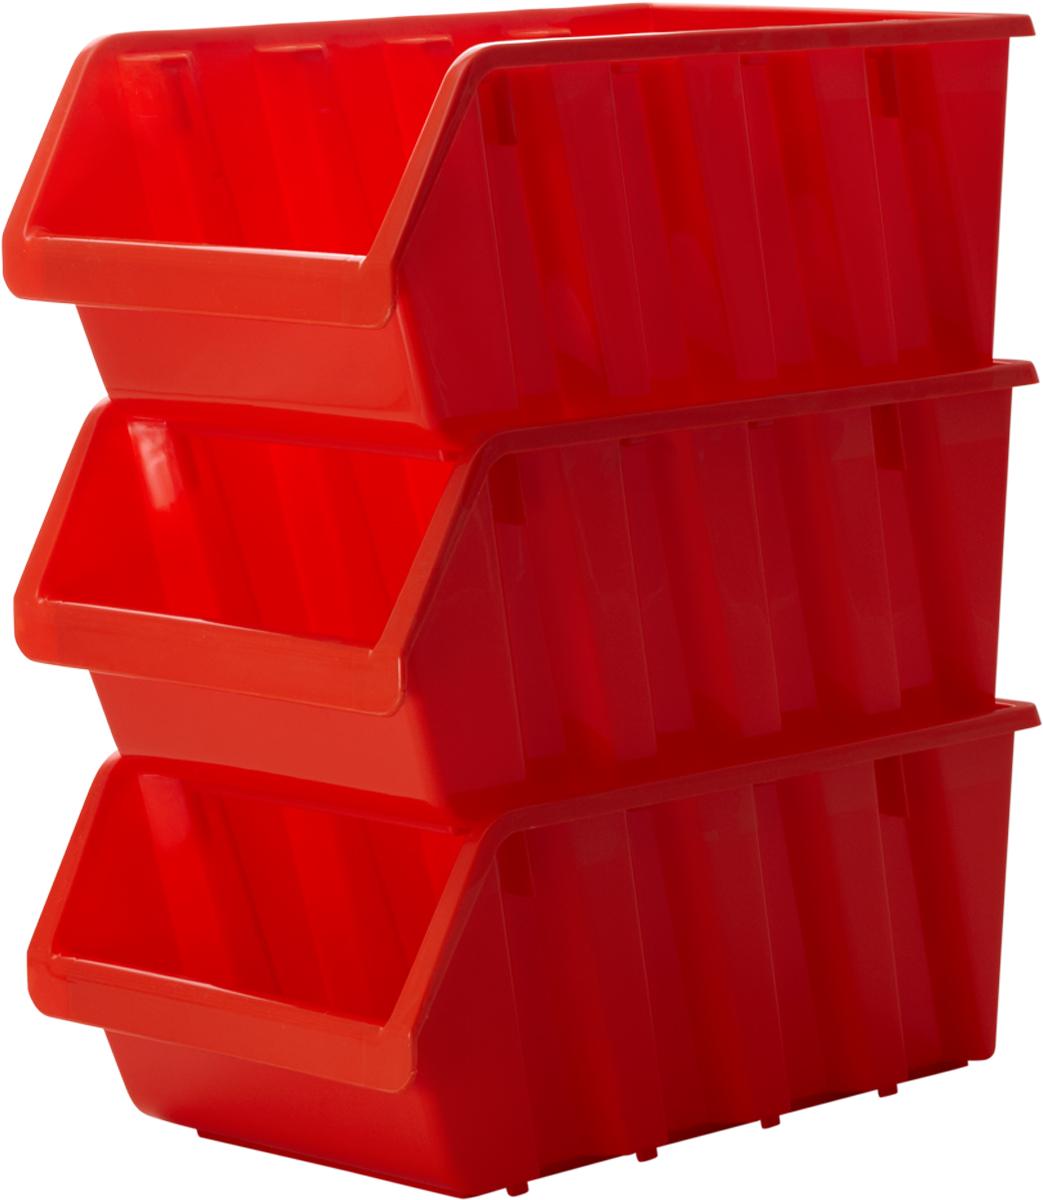 Лоток для метизов Blocker, цвет: оранжевый, 37,5 х 22,5 х 16 см98298130Лоток Blocker, выполненный из высококачественного пластика, предназначендля хранения крепежа и мелкого инструмента. Имеется возможностьсоединения нескольких лотков одинакового размера в единый блок. Лотки надежно ставятся друг на друга за счет специальной системы крепления. Оптимальная конструкция передней части для удобного вынимания метизов.